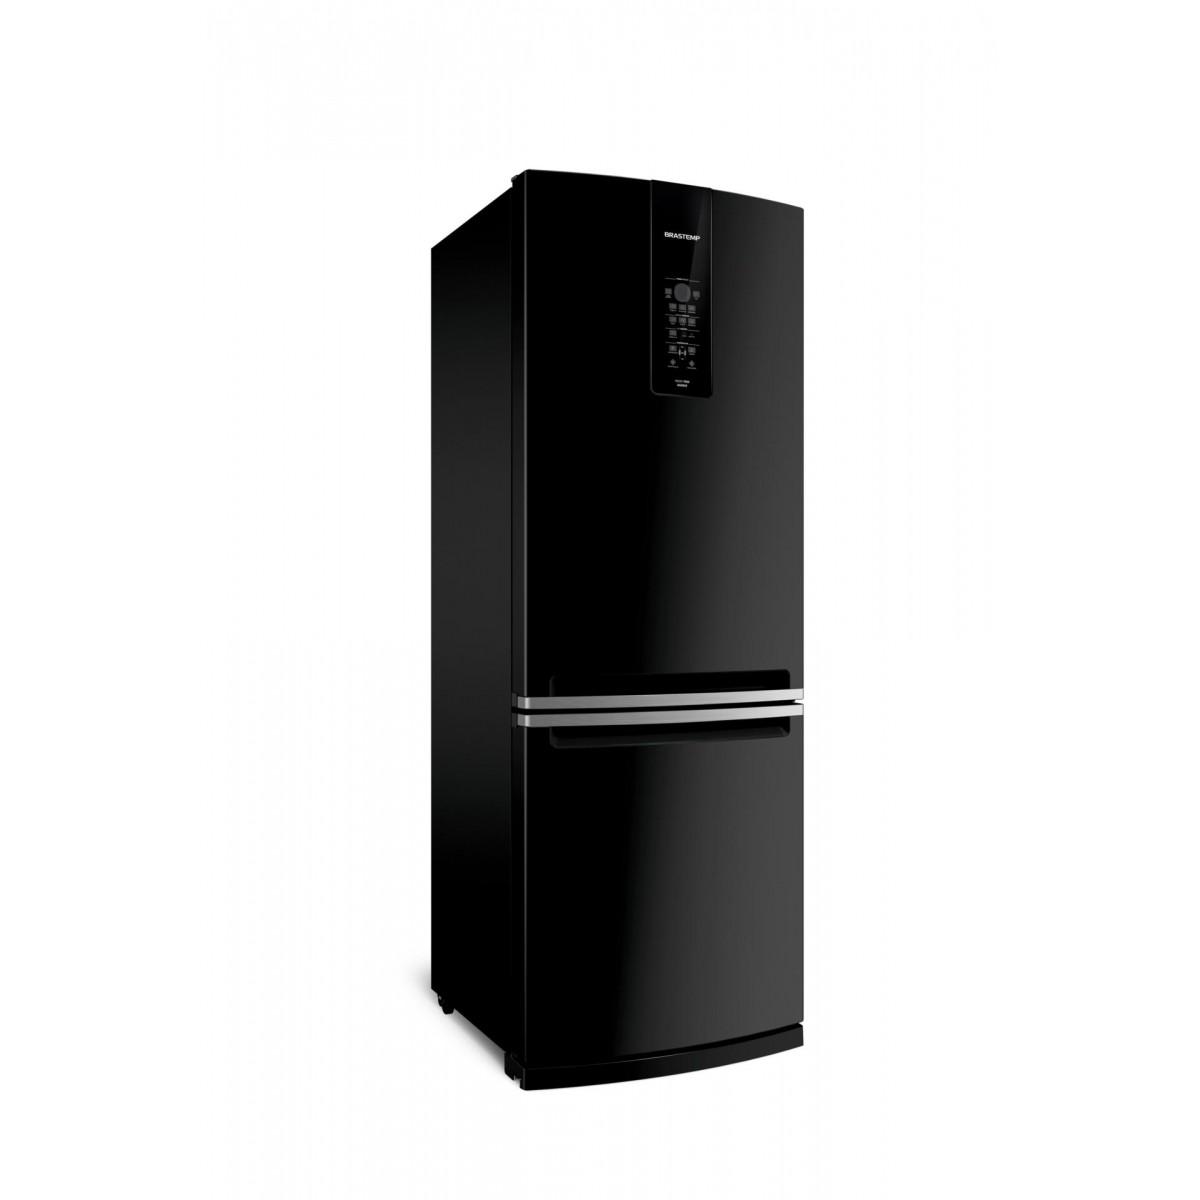 Geladeira Brastemp Inverse Frost Free 460 litros - BRE59AE